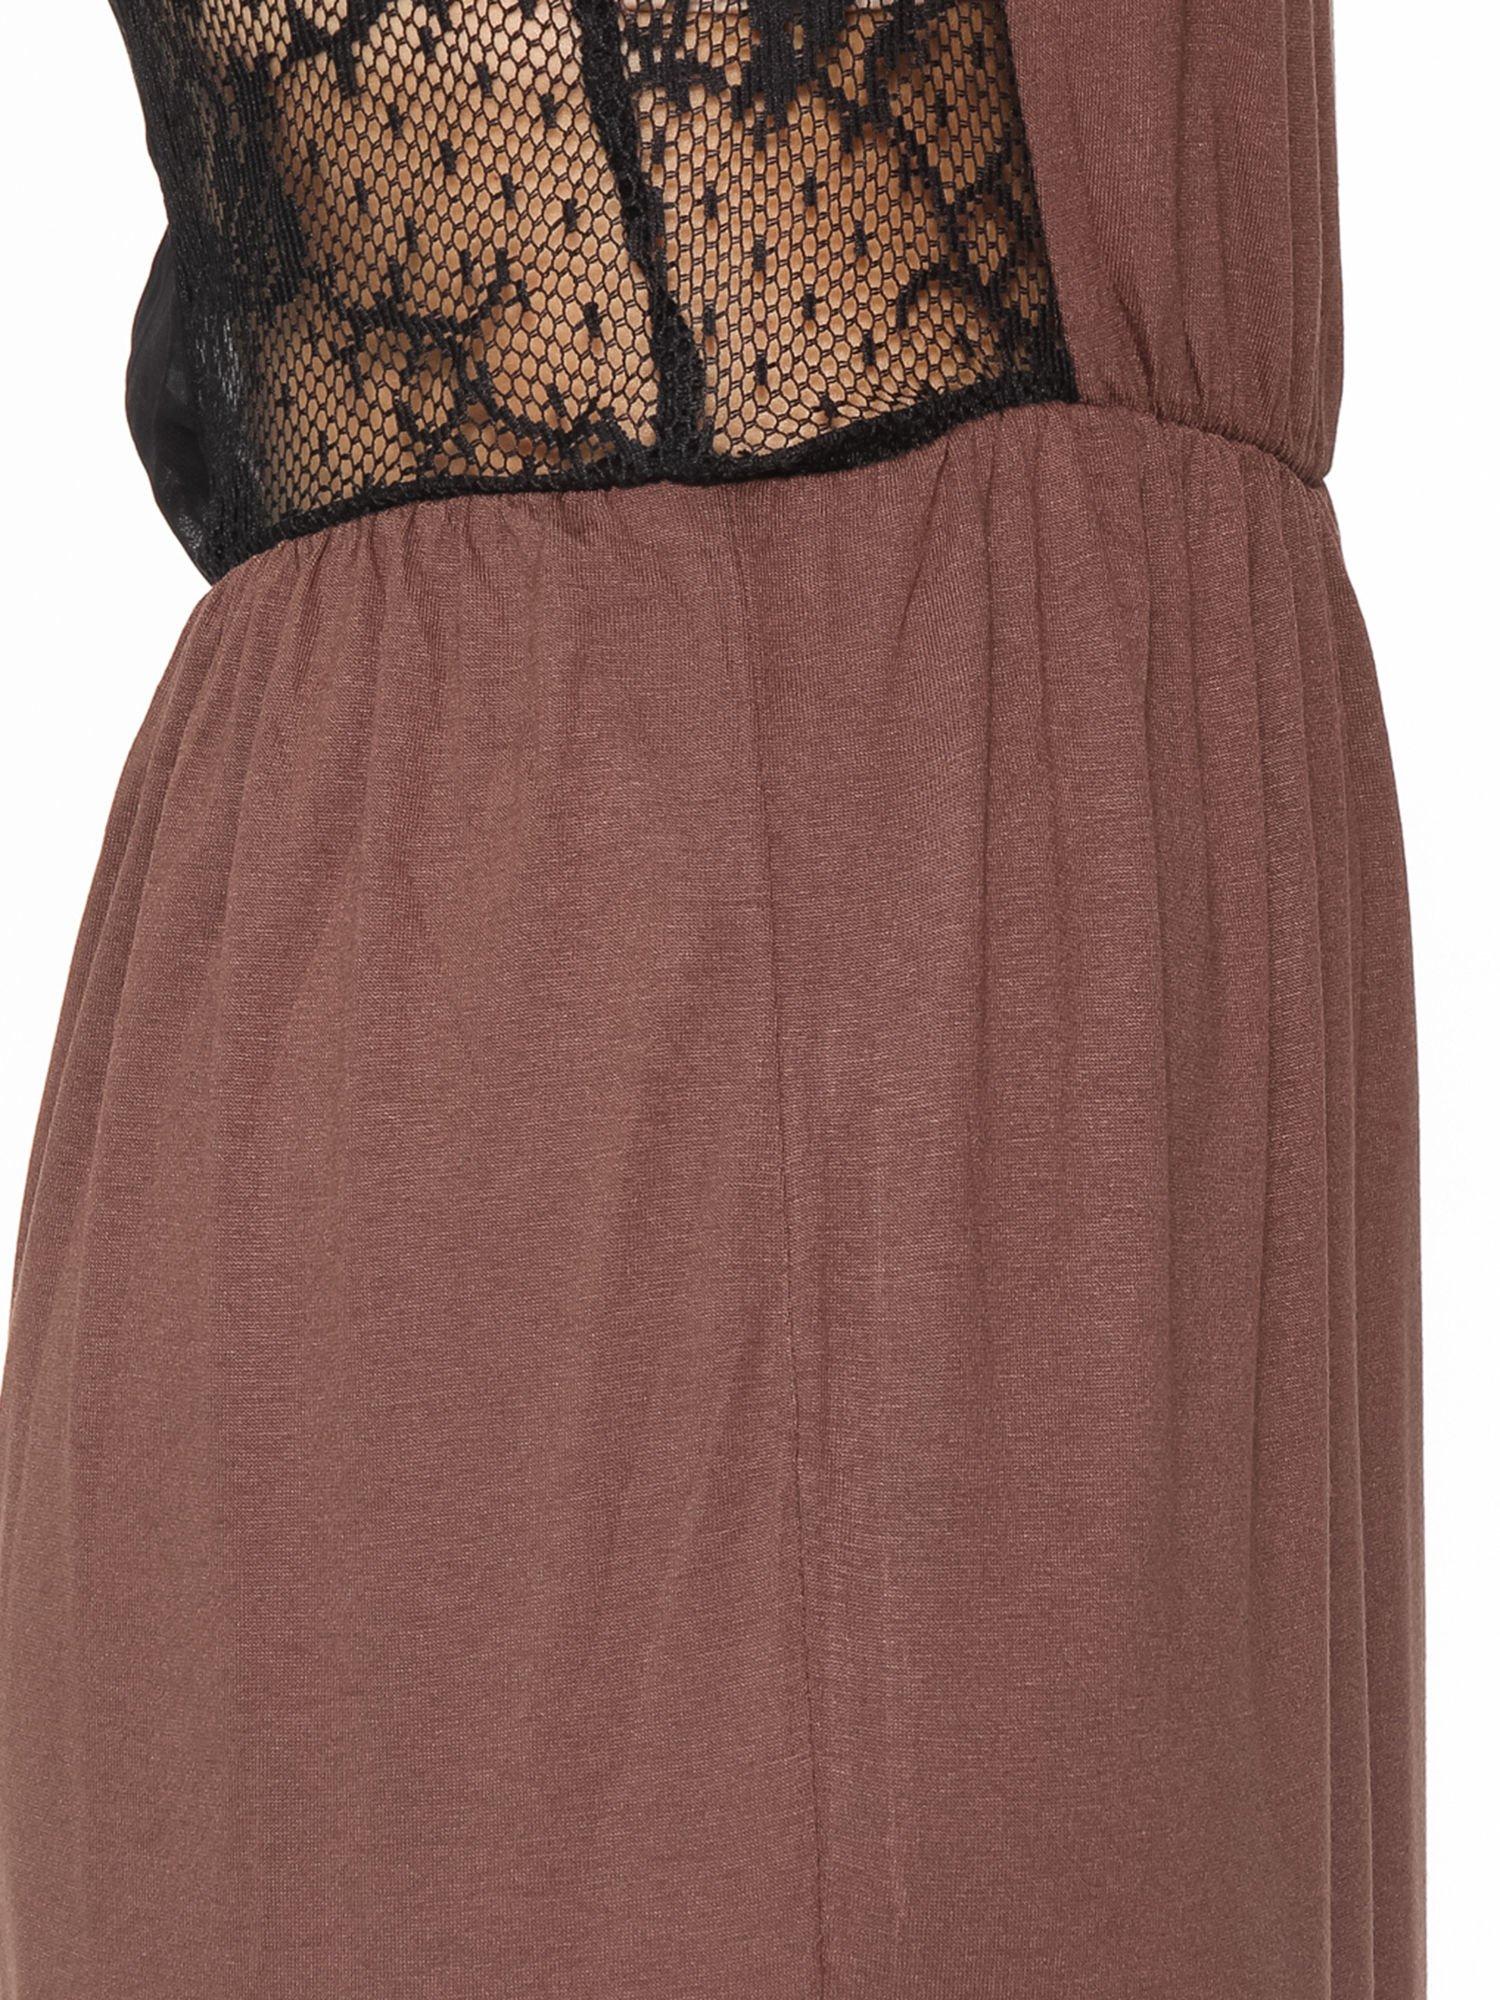 Brązowa sukienka maxi na ramiączkach z koronkowym tyłem                                  zdj.                                  8